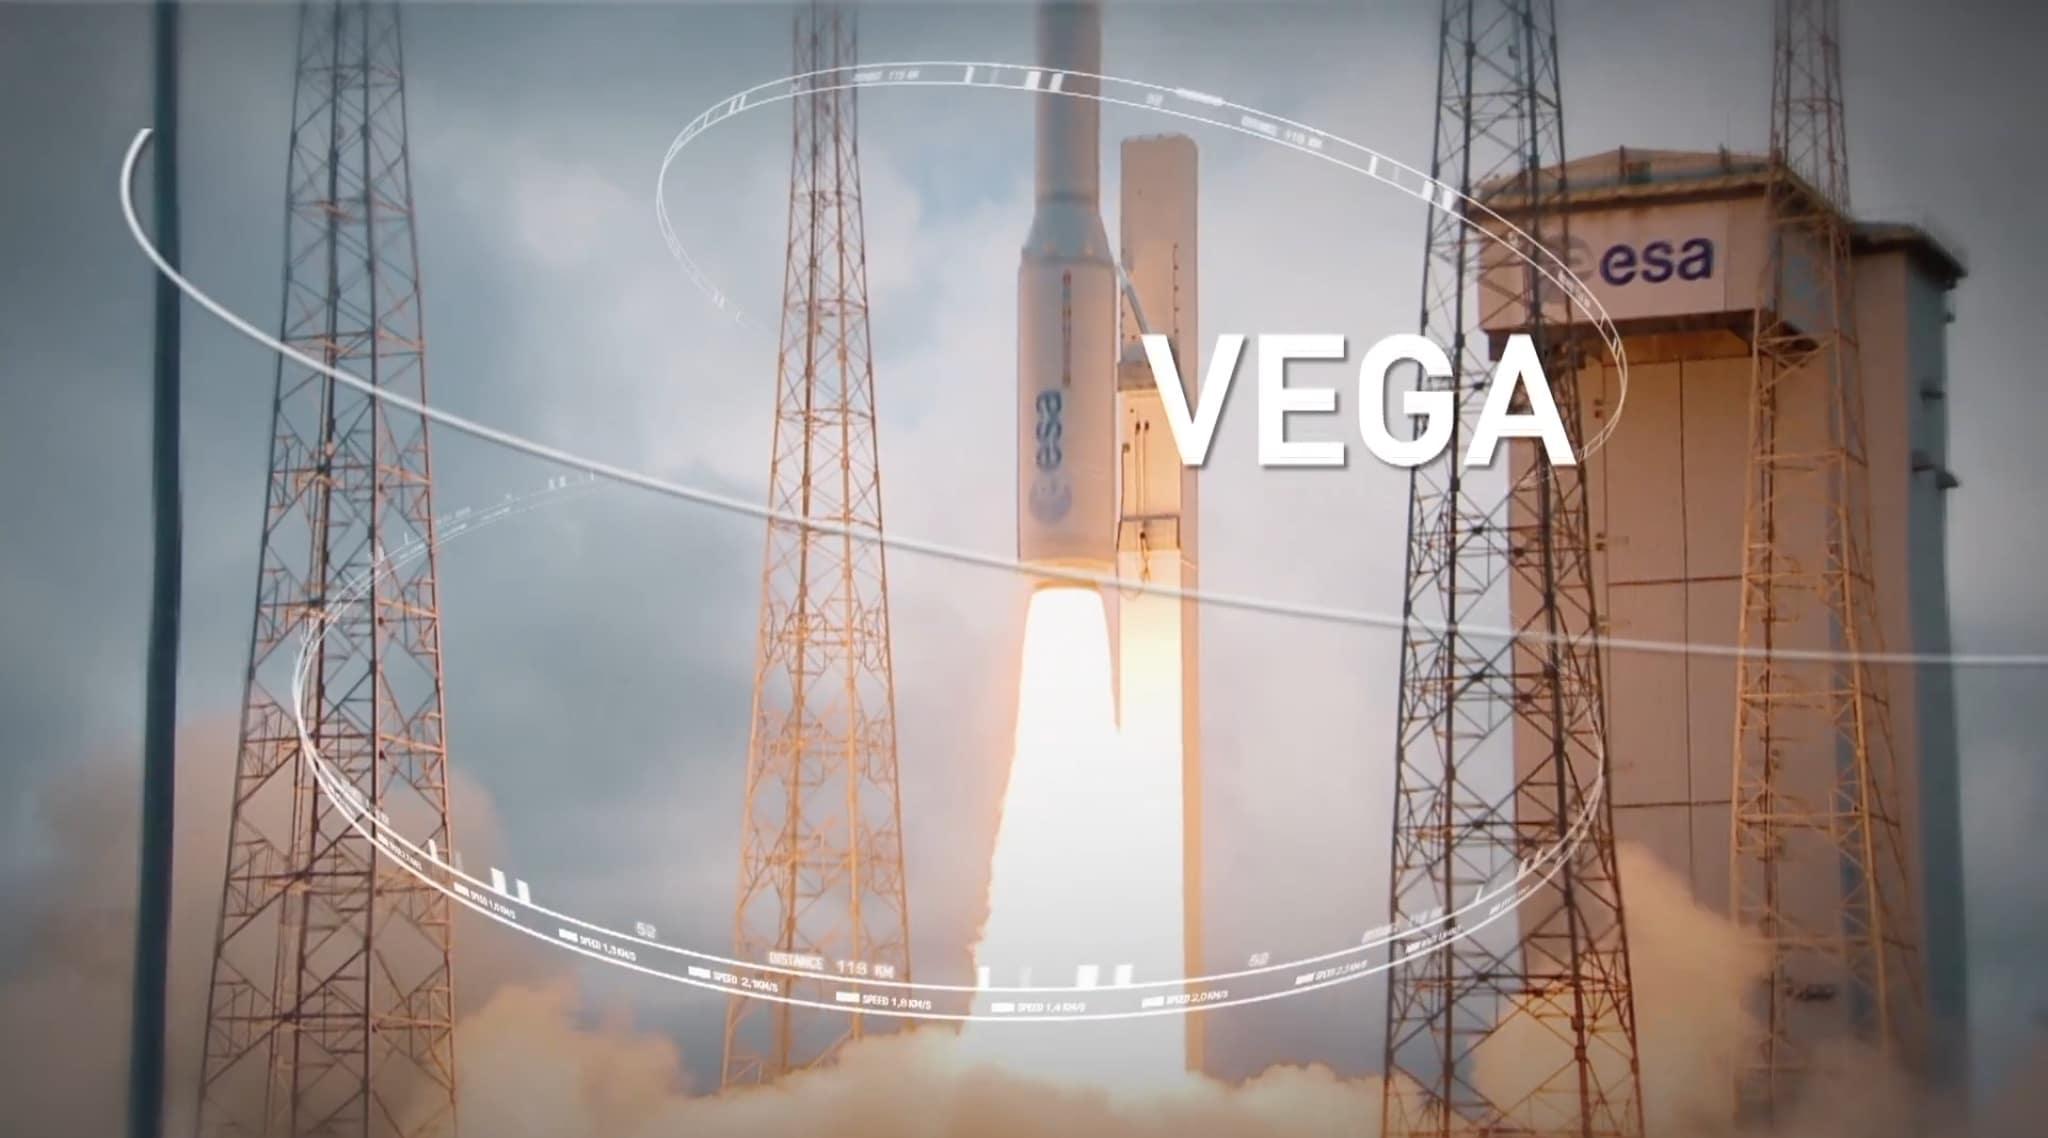 Ракета с украинским двигателем - Vega